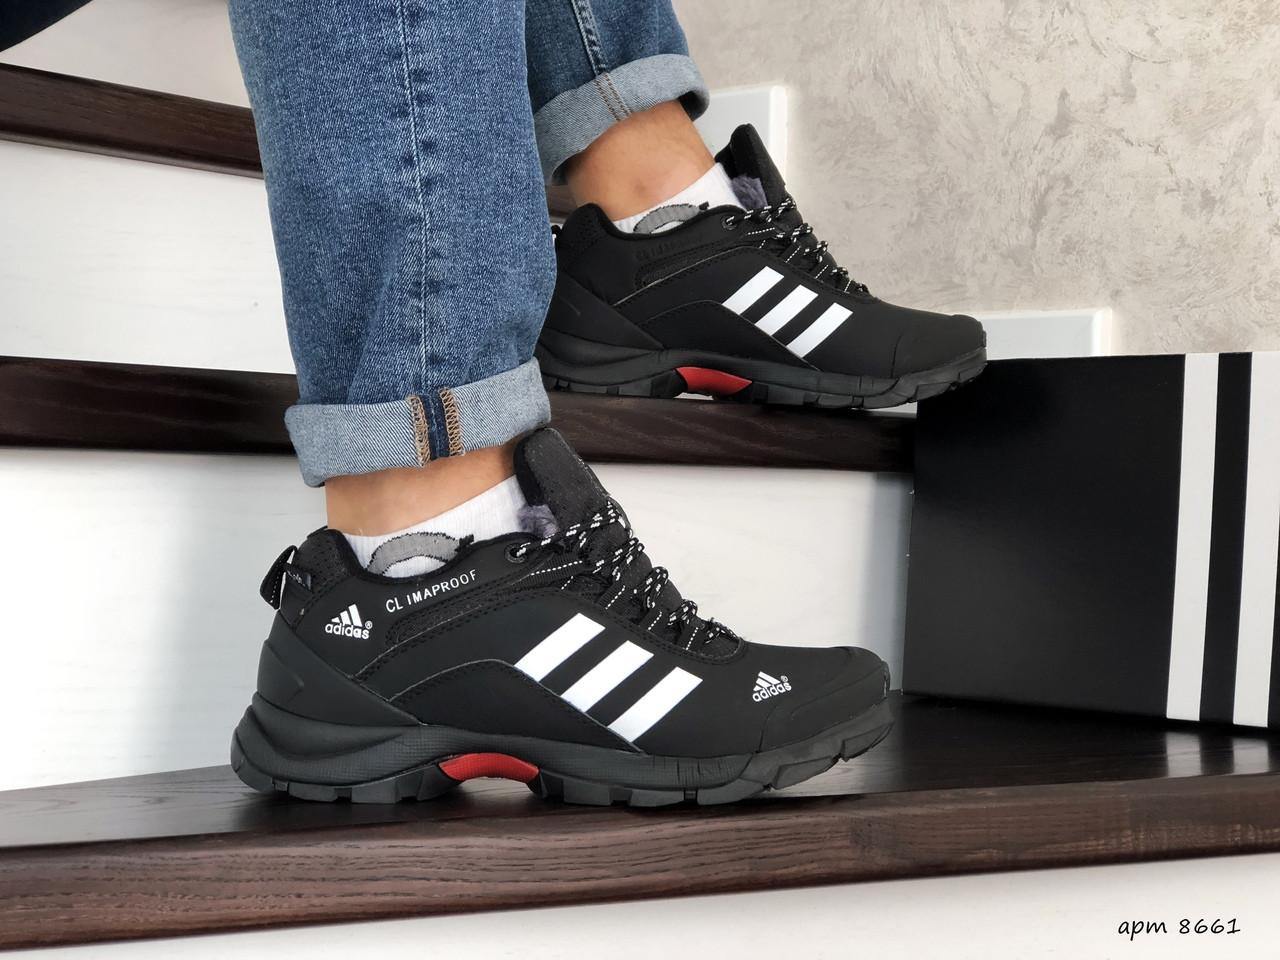 Мужские зимние кроссовки Adidas Climaproof,нубук,черно-белые